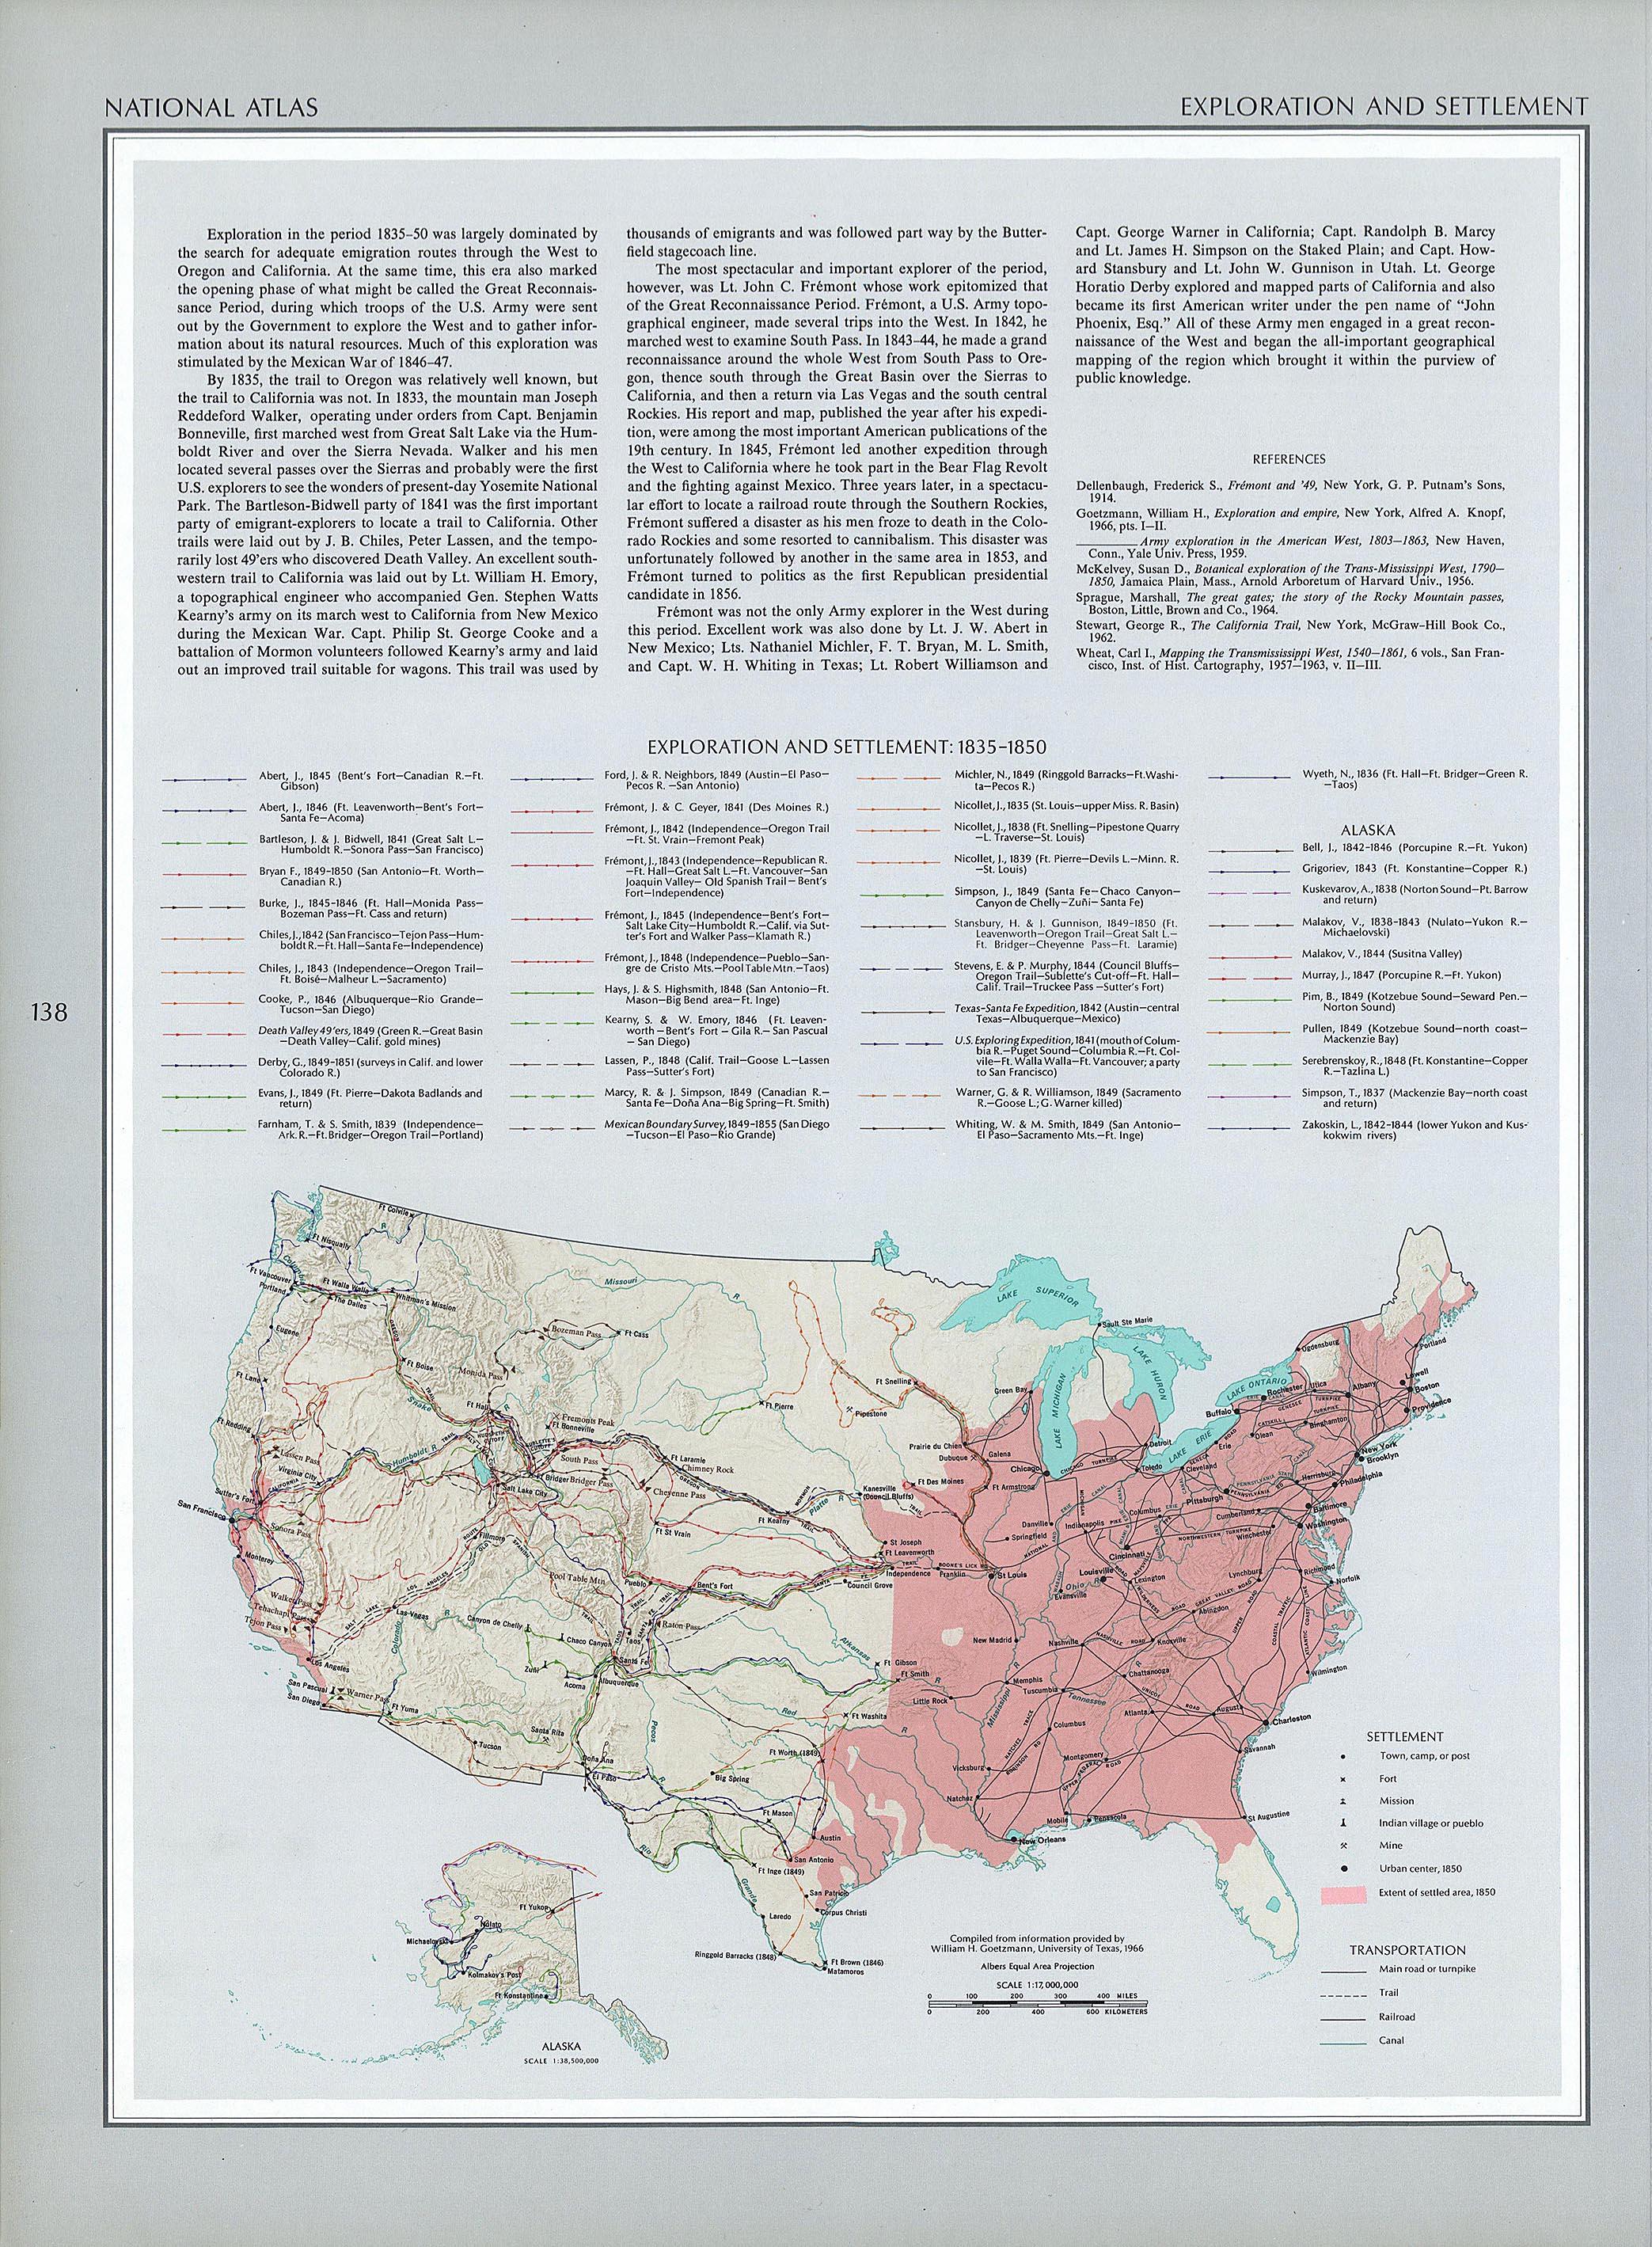 Mapa de Exploración y Asentamientos, Estados Unidos 1835 -  1850